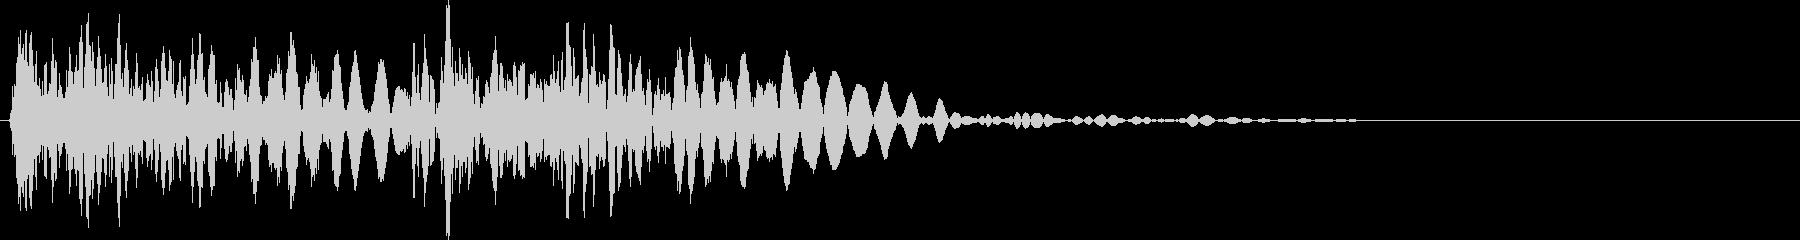 ダンダンッ(2連続キック攻撃・肉弾攻撃)の未再生の波形